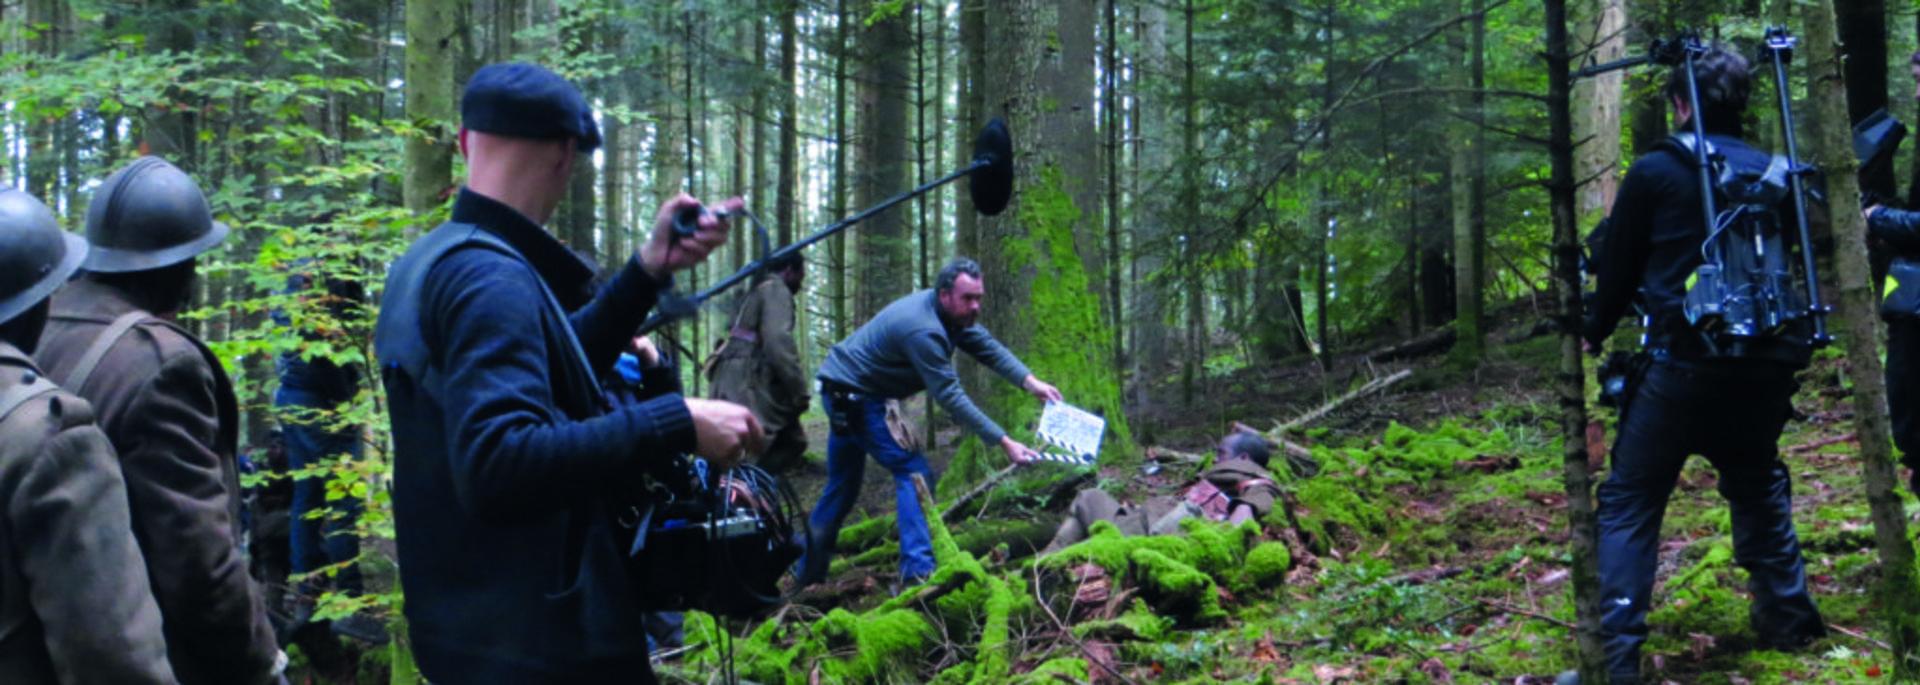 Nos patriotes - Tournage film Vosges